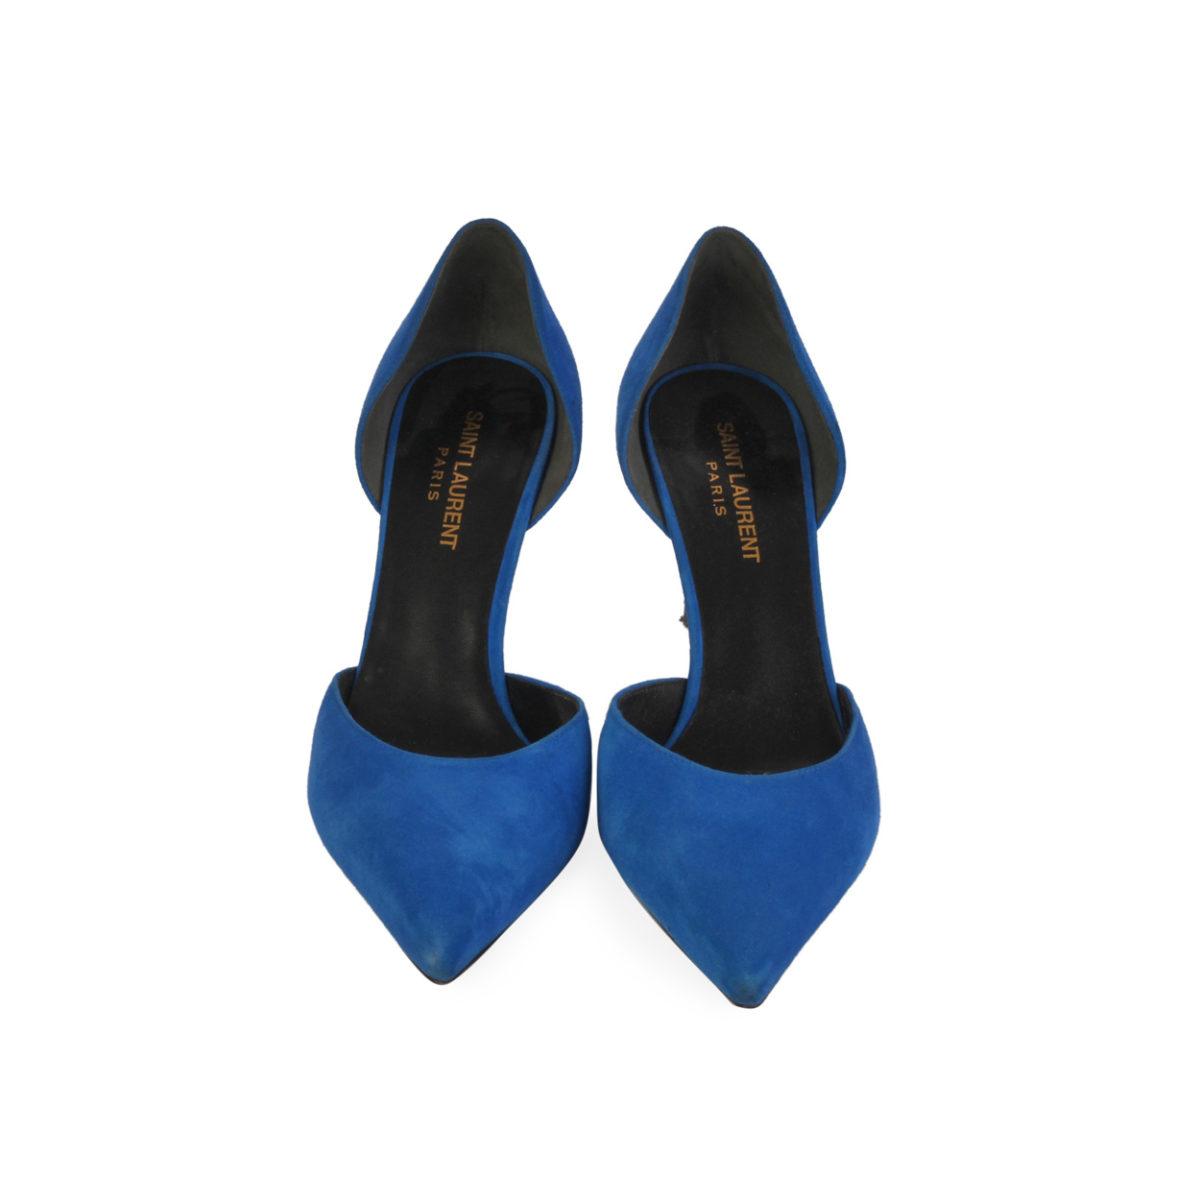 3fd2fd3c7a4 SAINT LAURENT Suede D'orsay Paris Pumps Blue - S: 39 (6)   Luxity